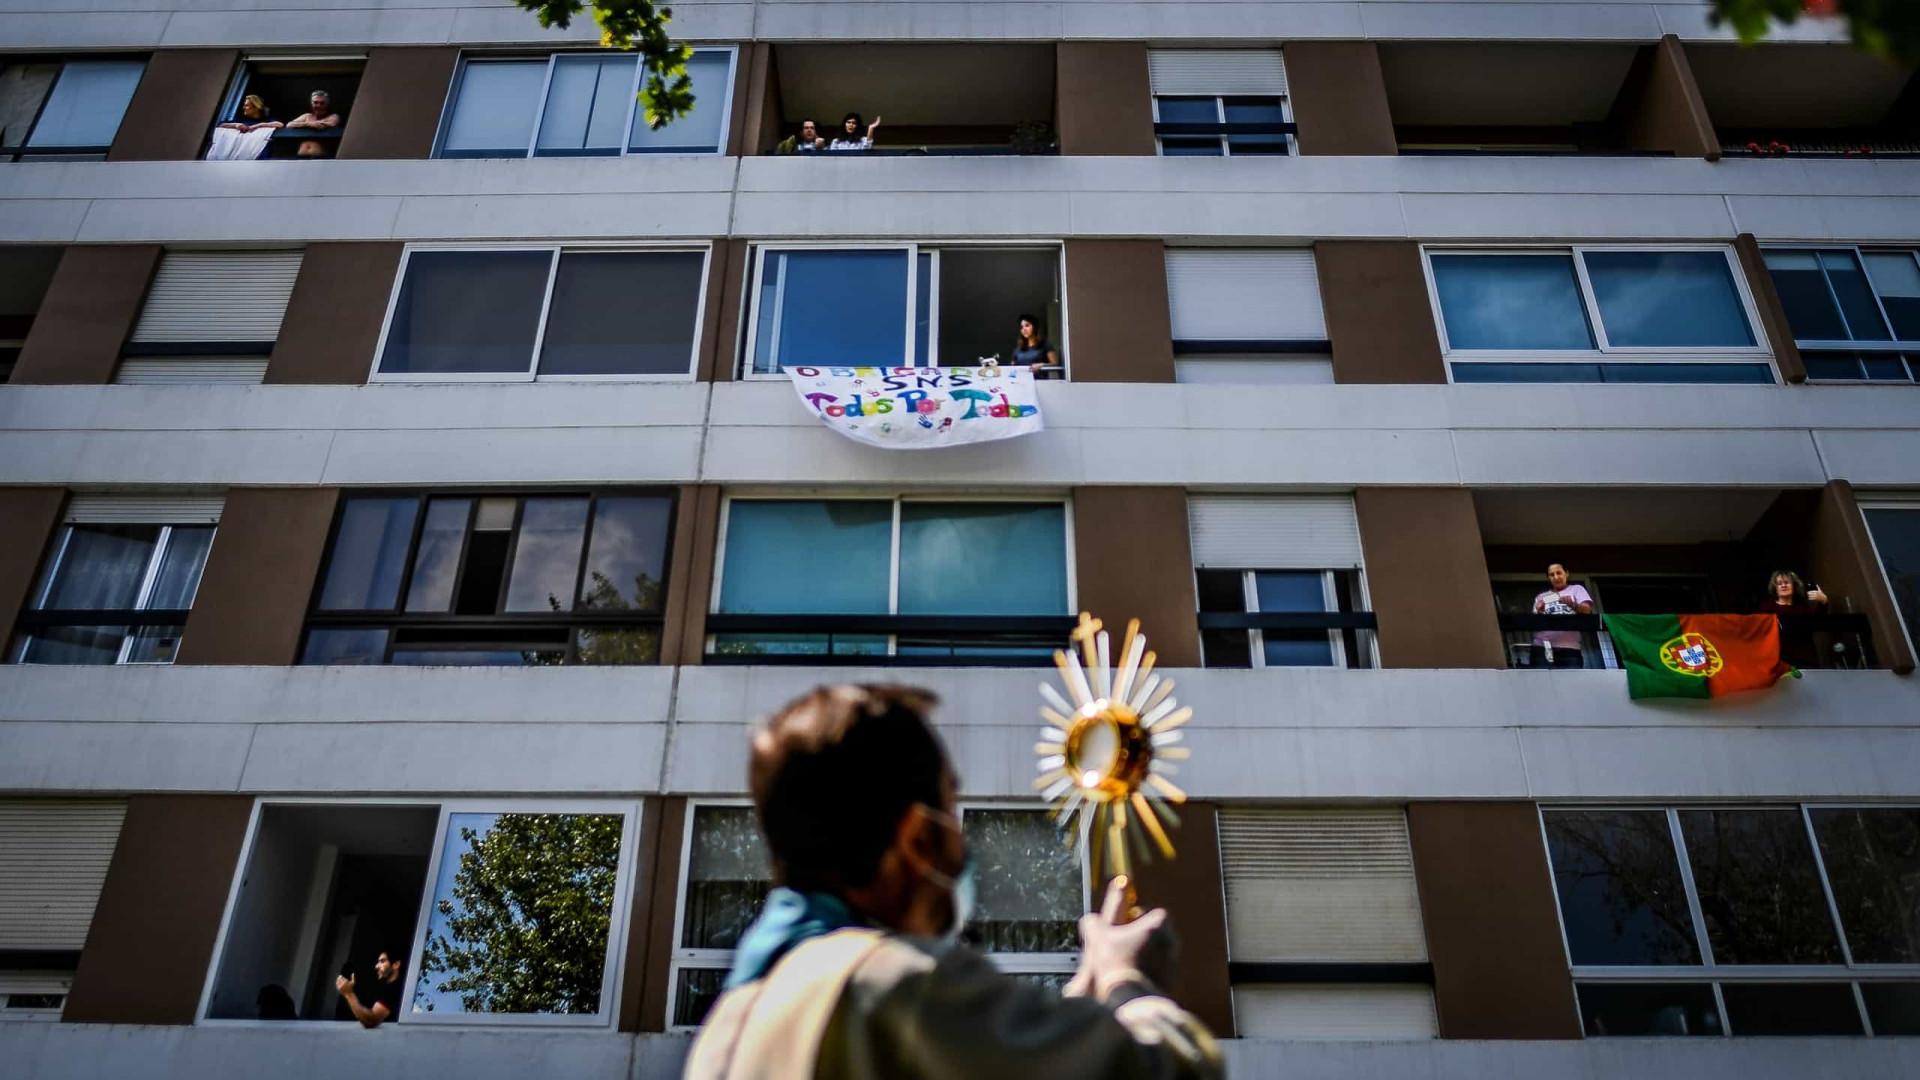 Com hospitais sob pressão, Portugal impõe uso obrigatório de máscara nas ruas